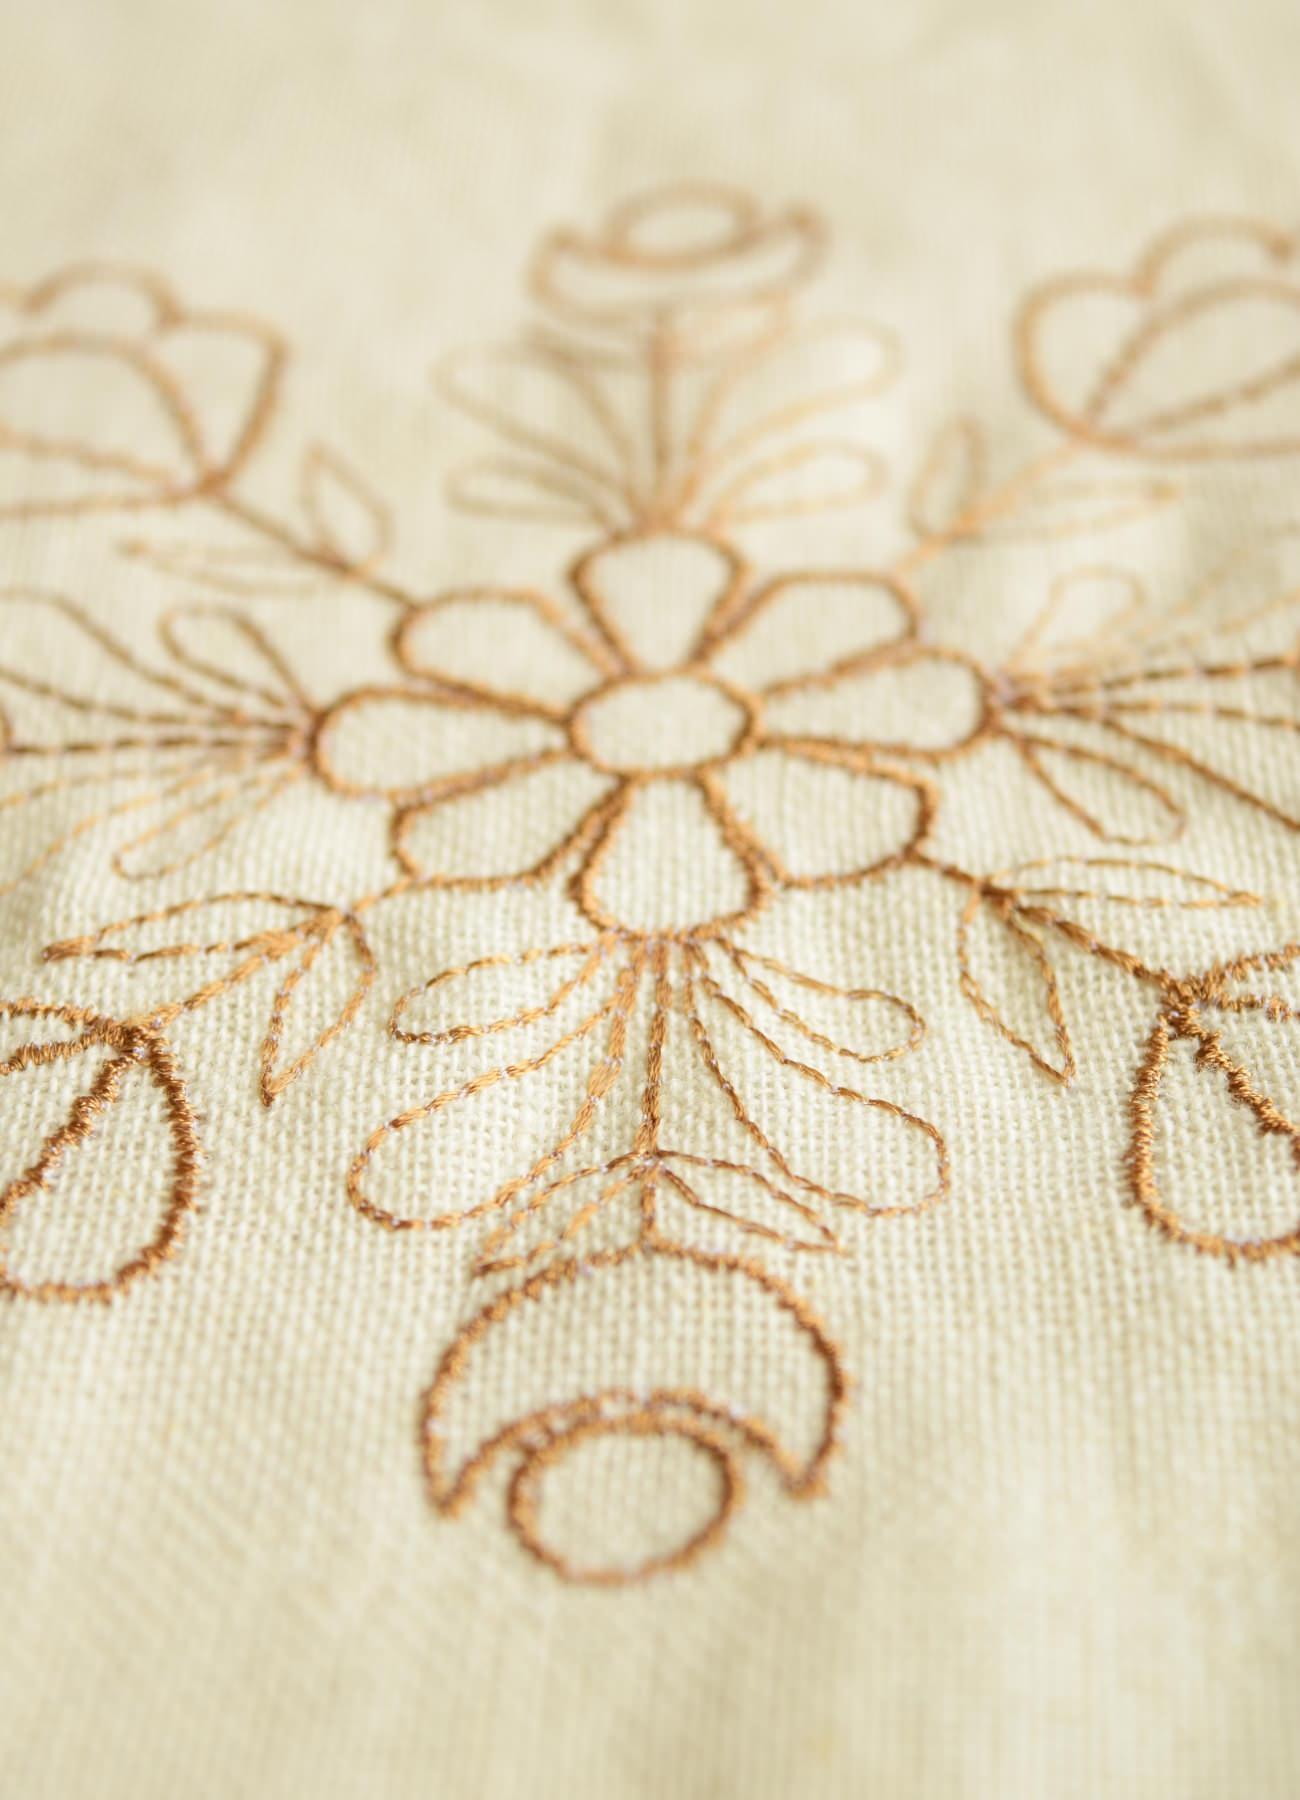 繍カーテン ウエディングブーケ⑩